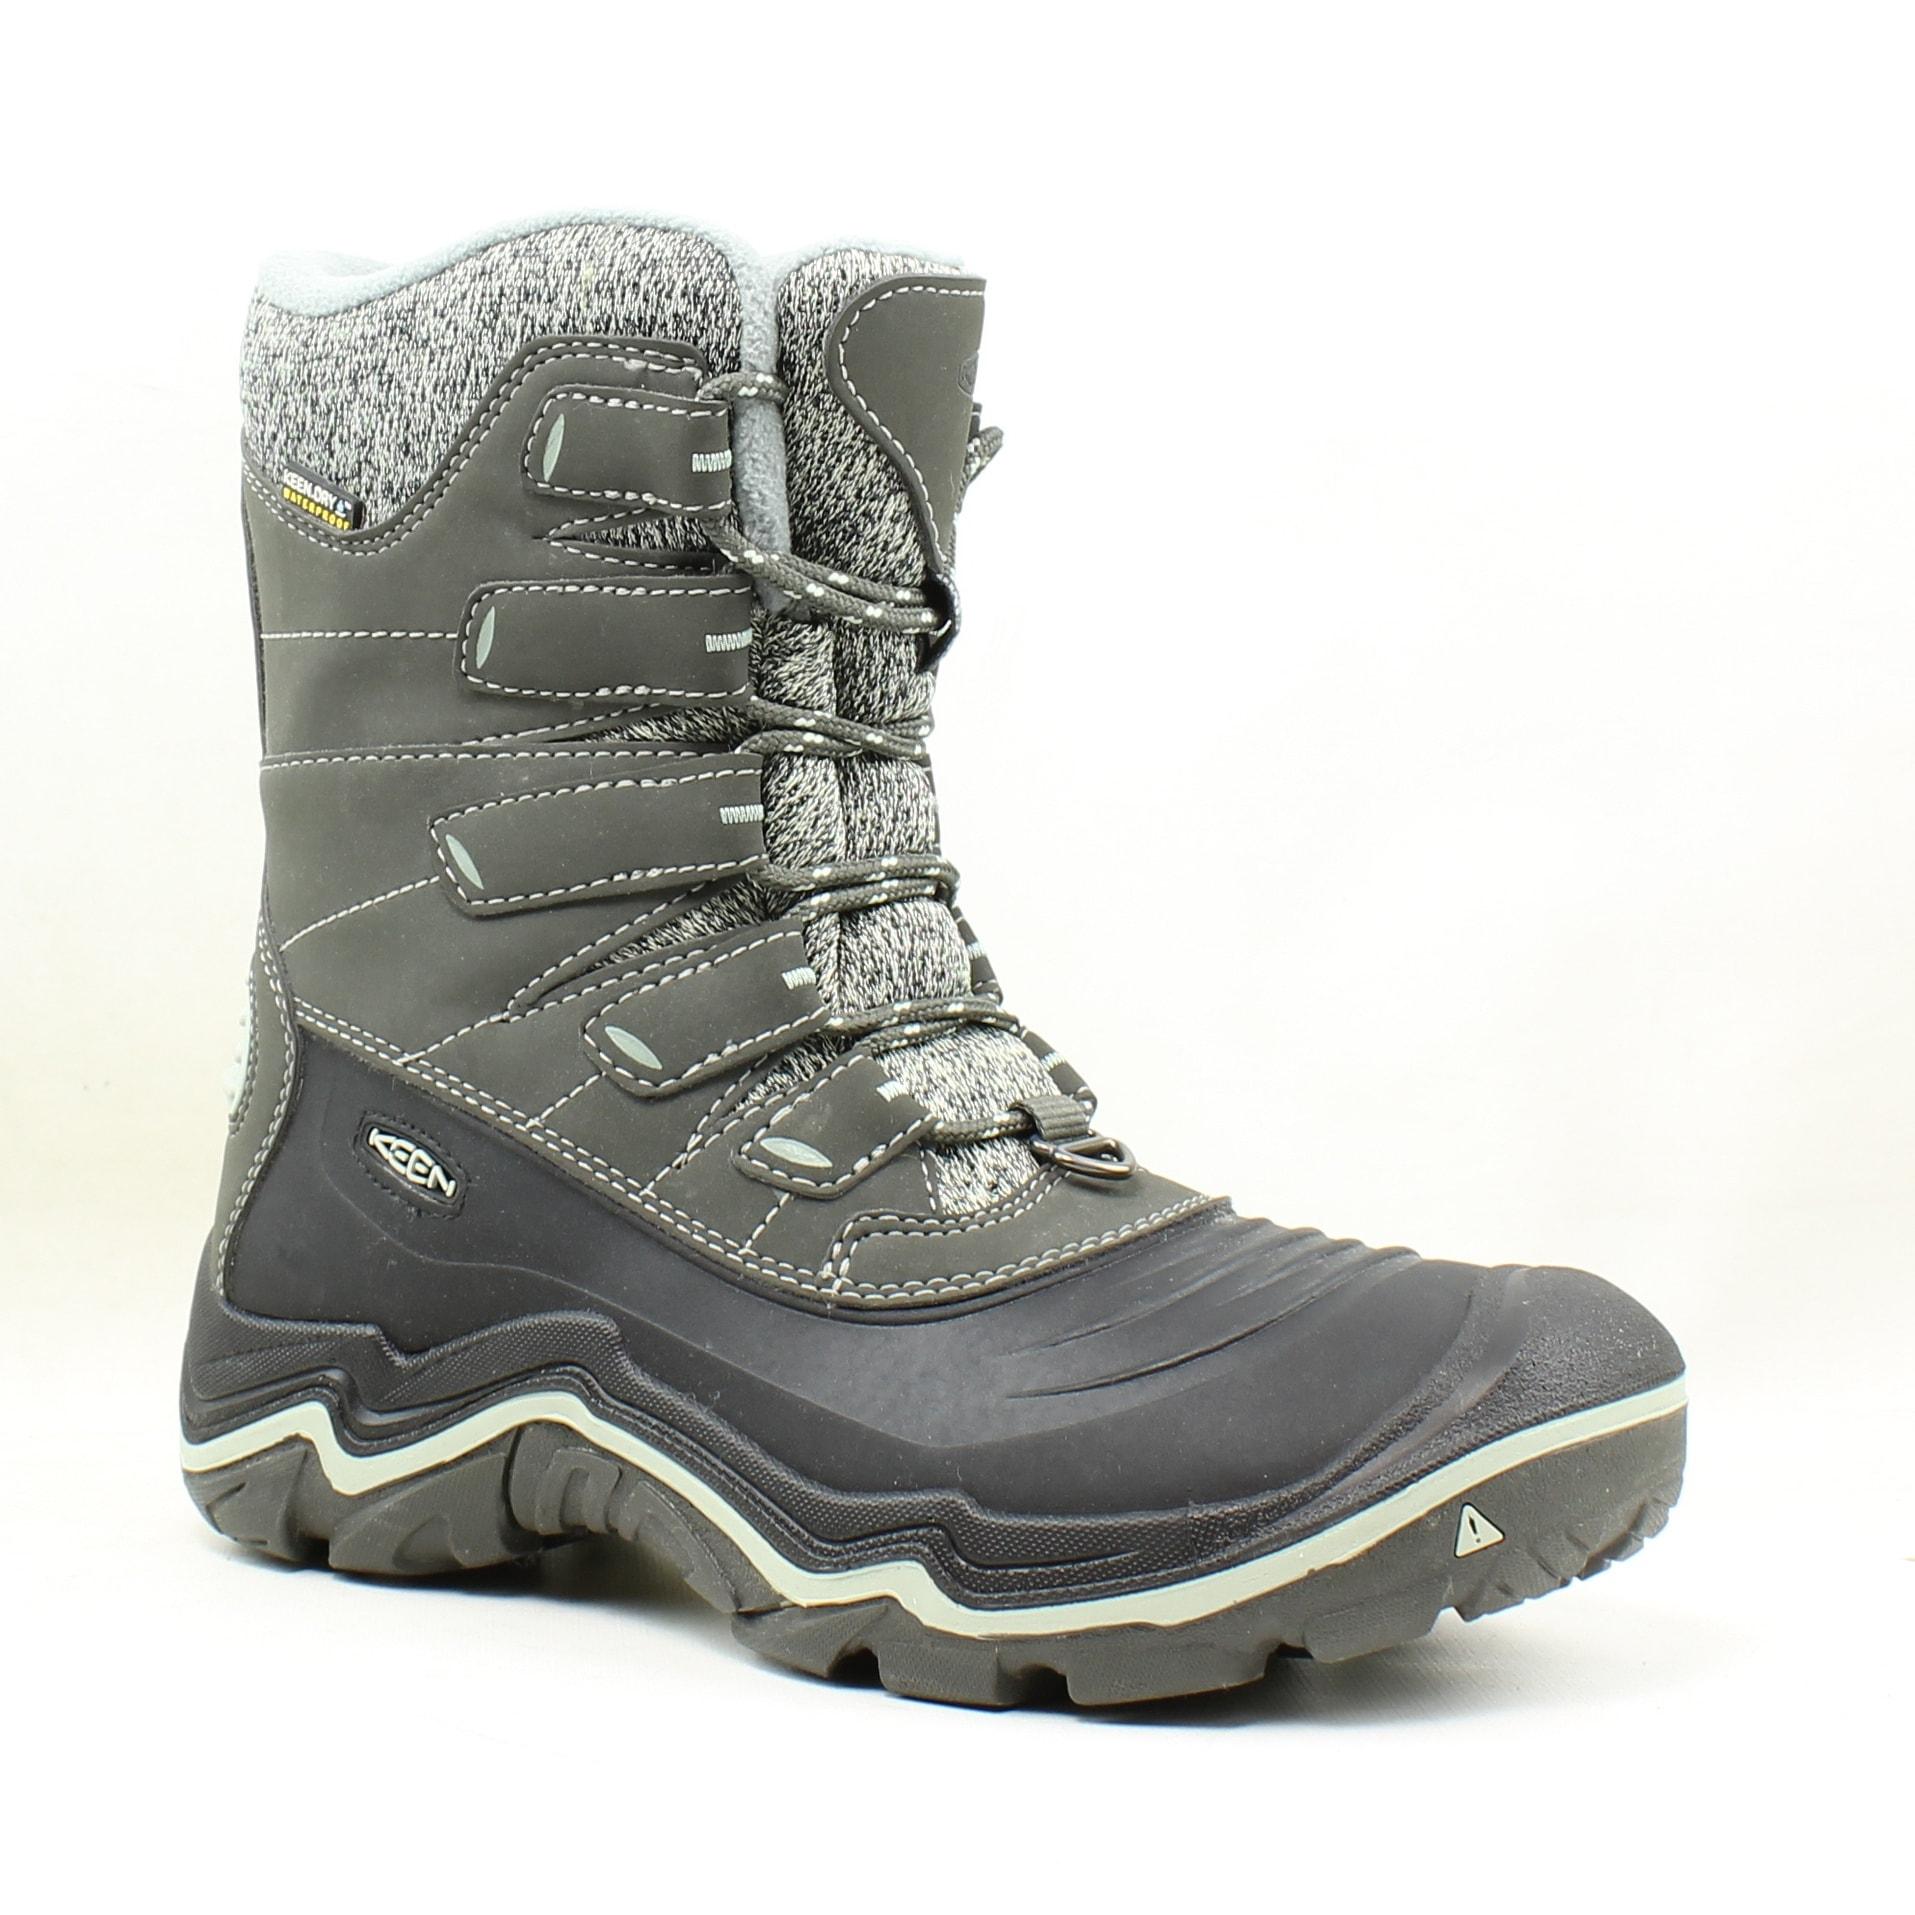 keen women's durand polar winter boot